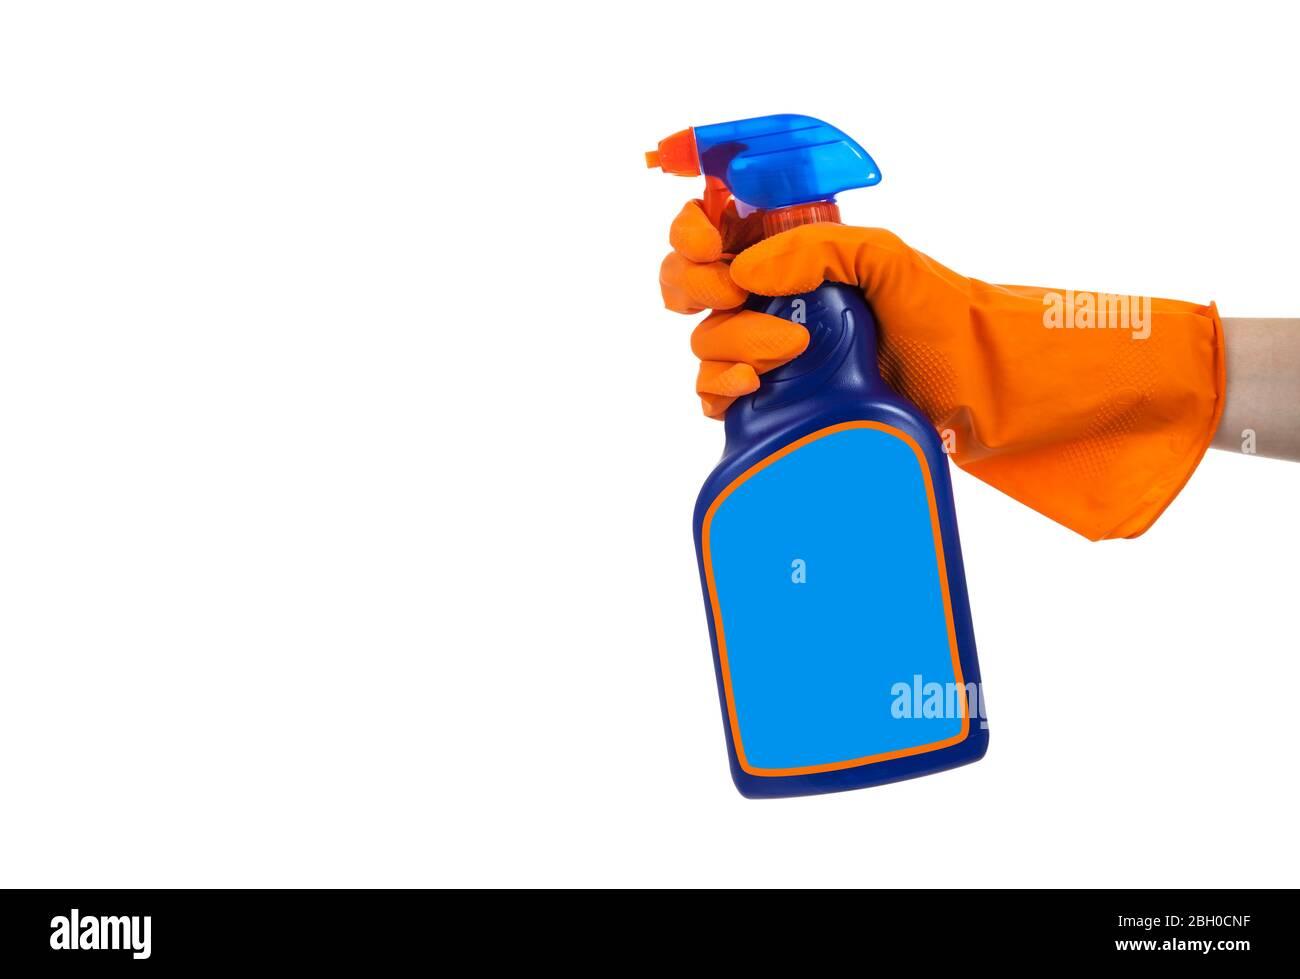 Une main gantée tenant un vaporisateur de produits chimiques de nettoyage et de désinfection sur fond blanc Banque D'Images